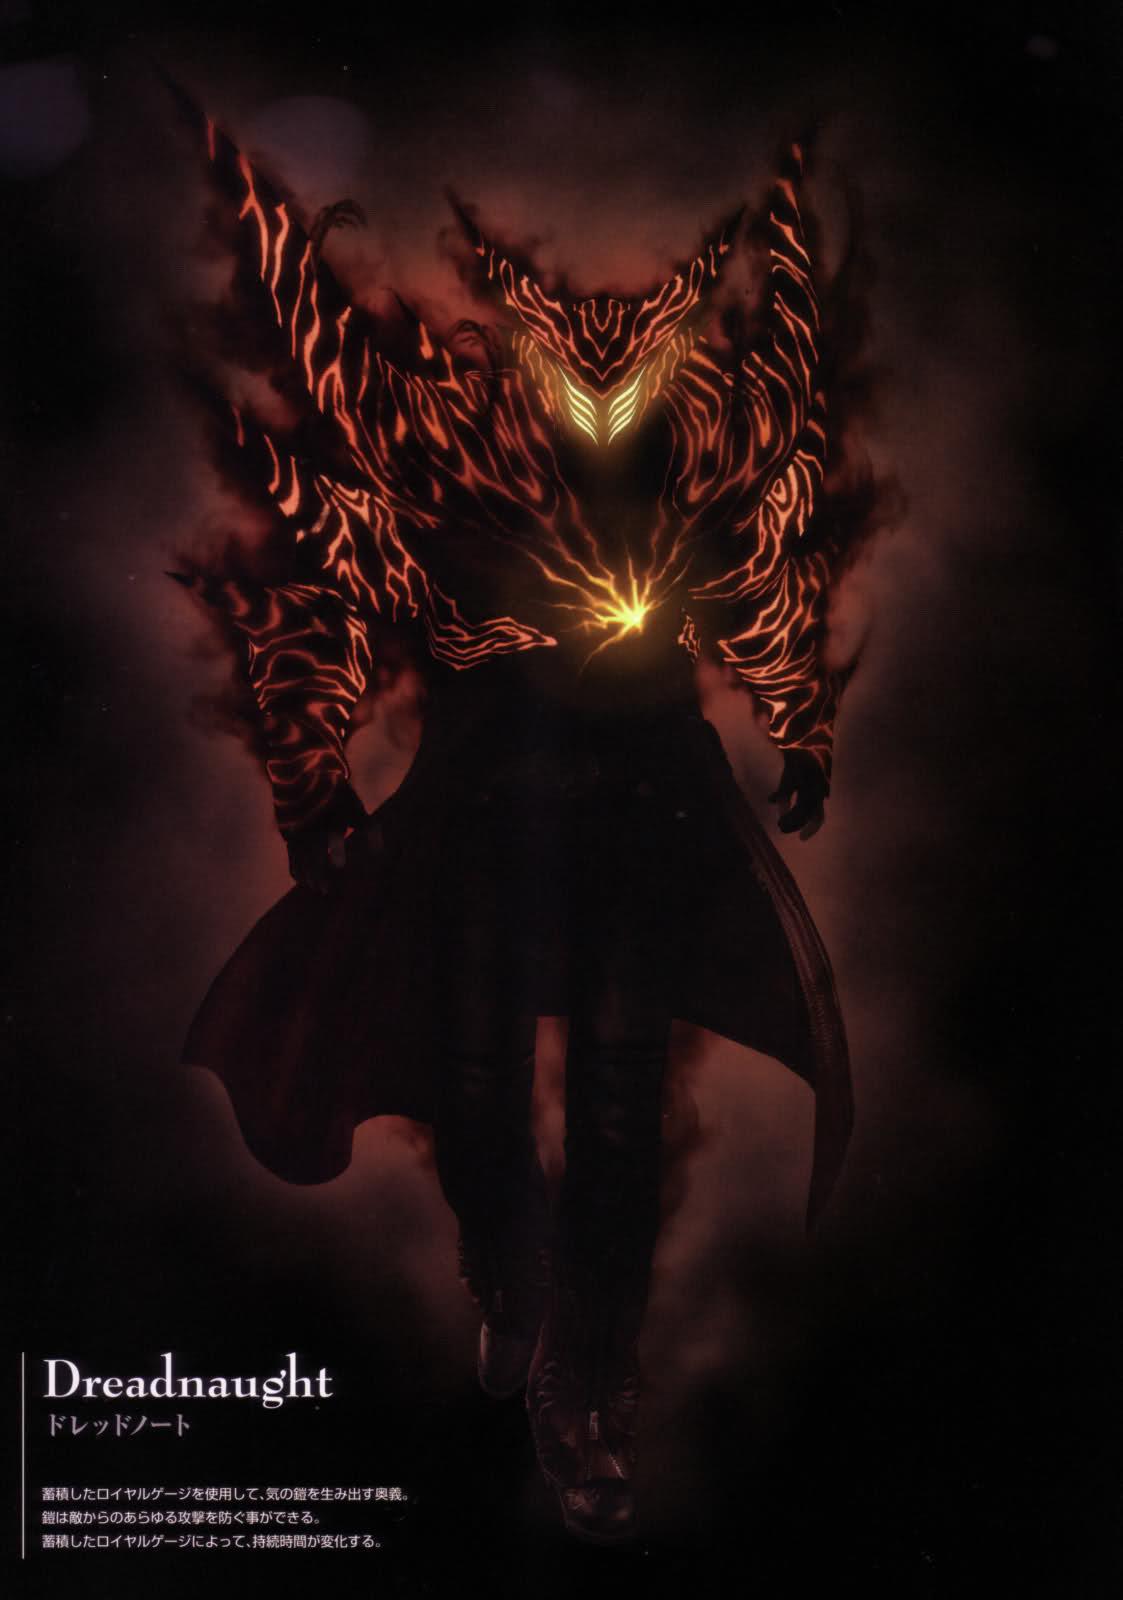 Image dante devil trigger dmc jpg devil may cry wiki fandom - Image Dante Devil Trigger Dmc Jpg Devil May Cry Wiki Fandom 24